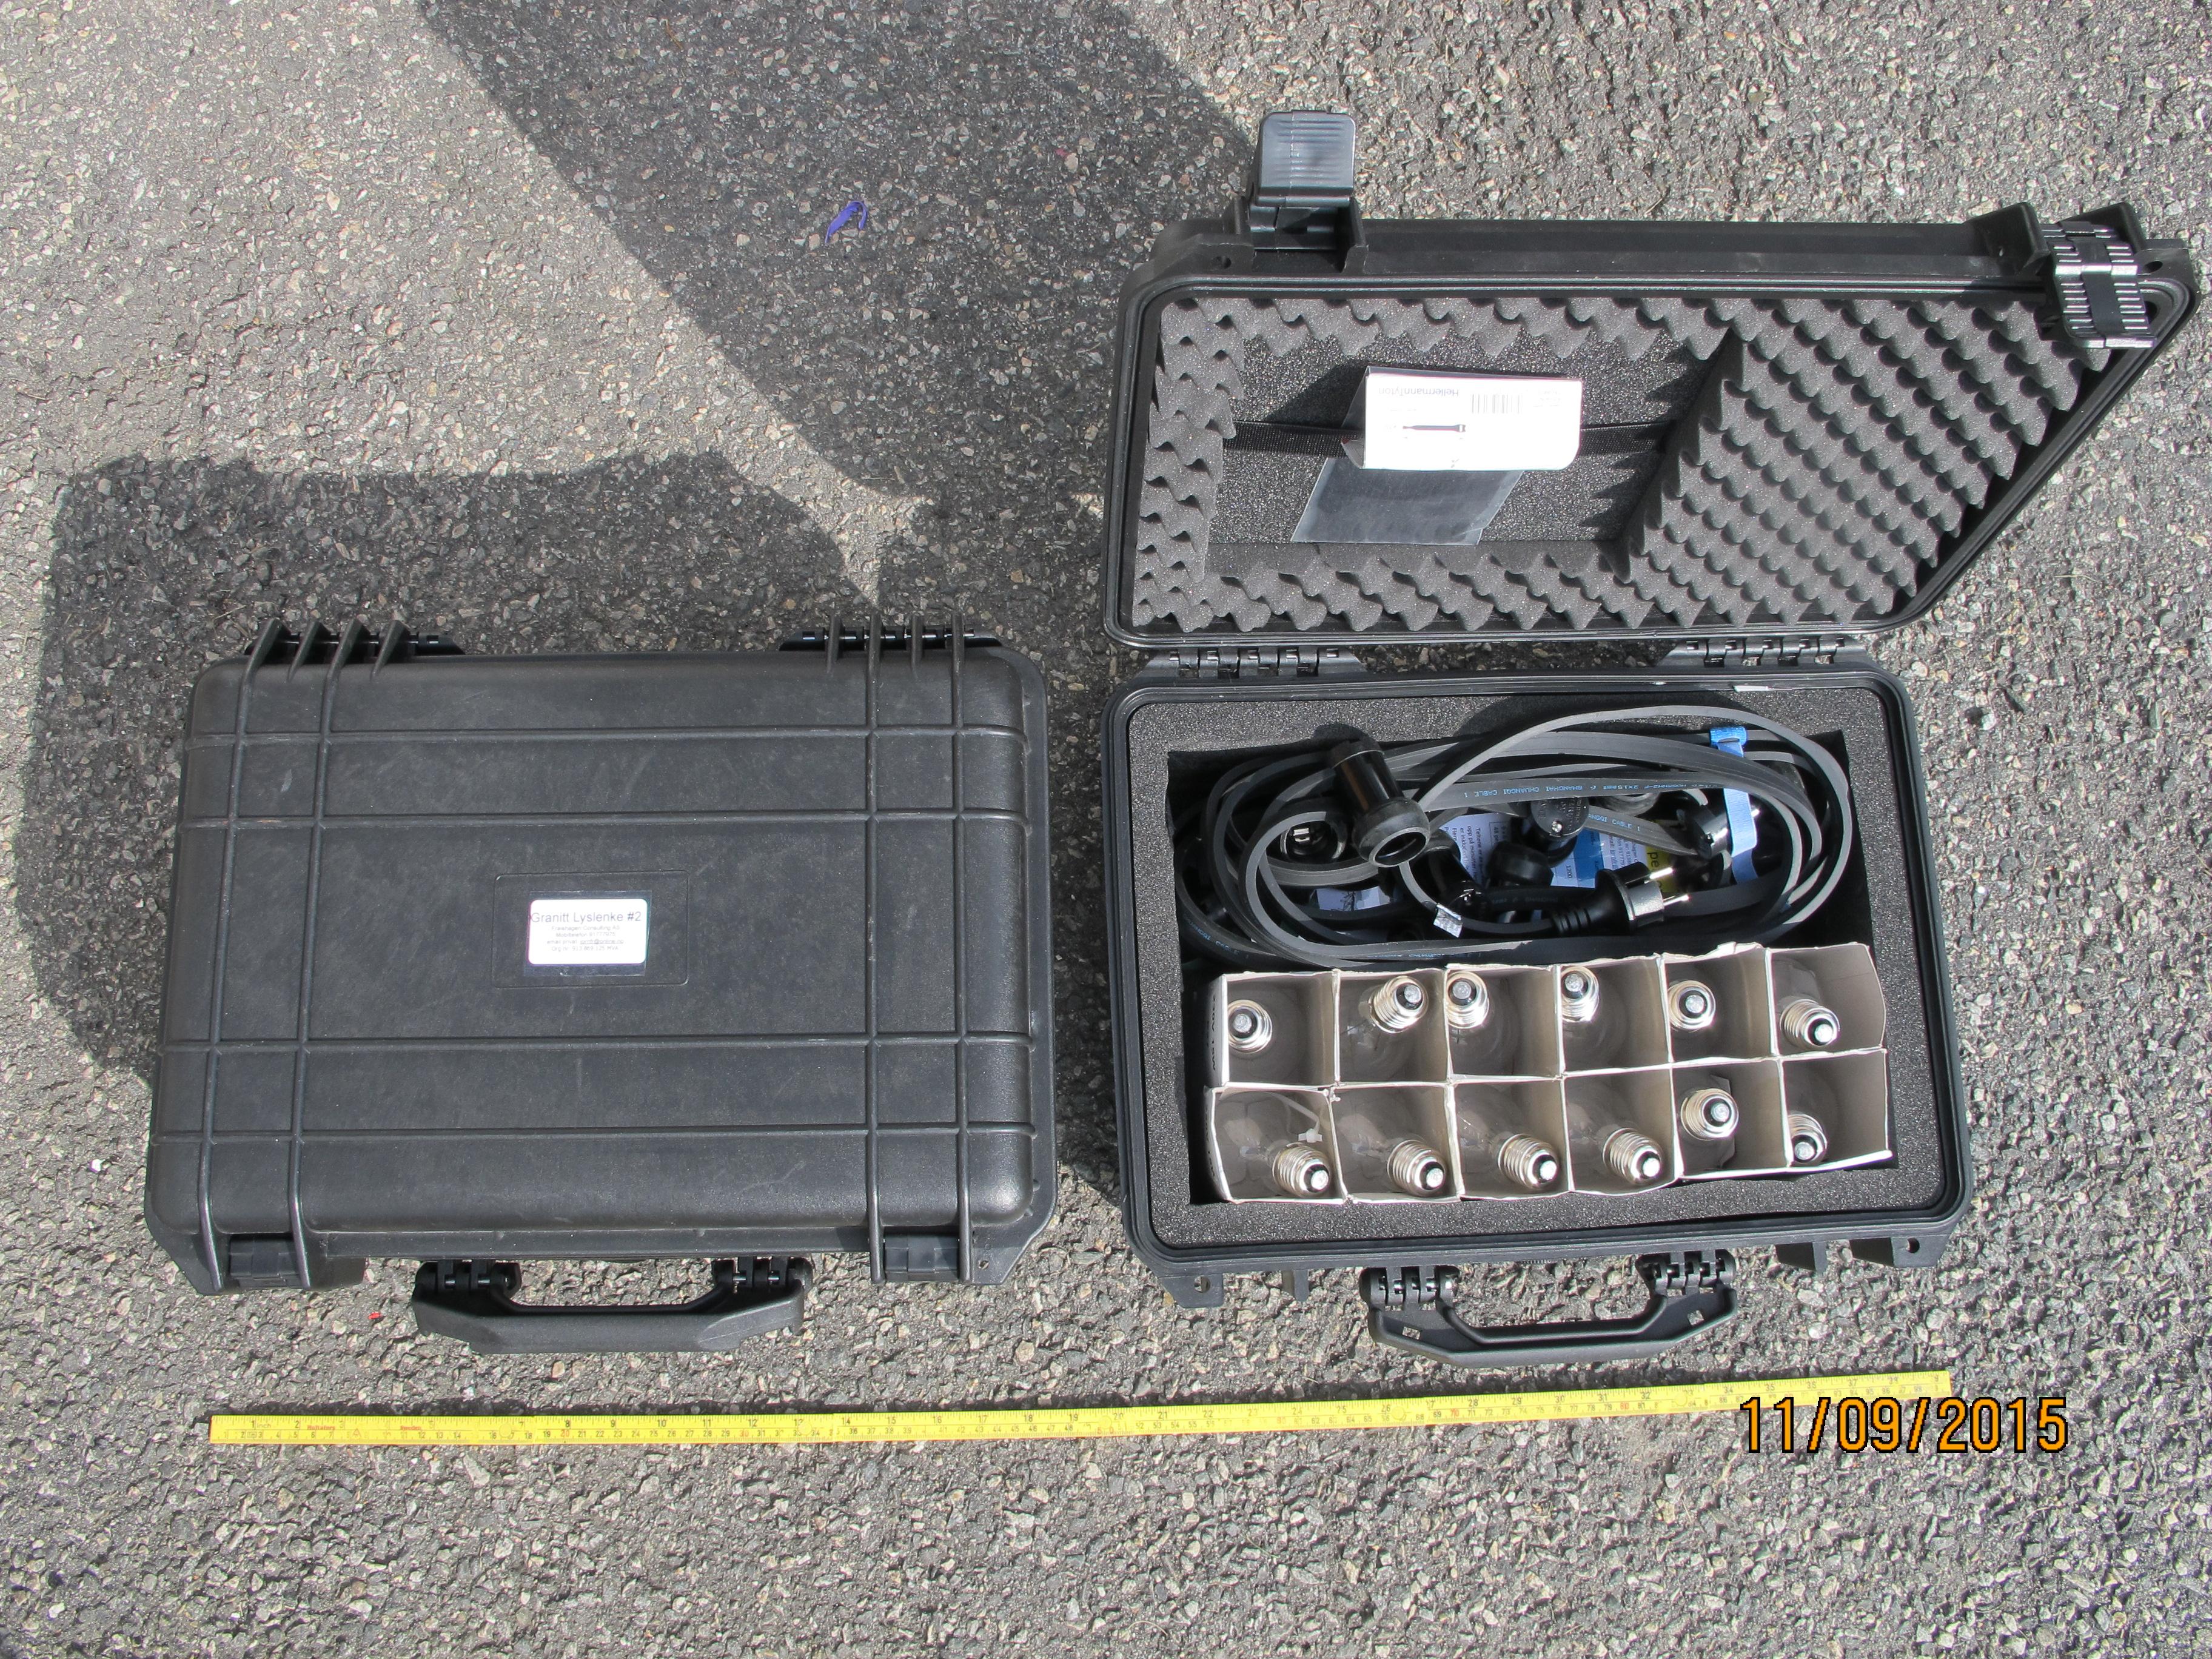 koffert med lyslenke og pærer. 10 pærer på 5 meter og 5 meter ekstra ledning.